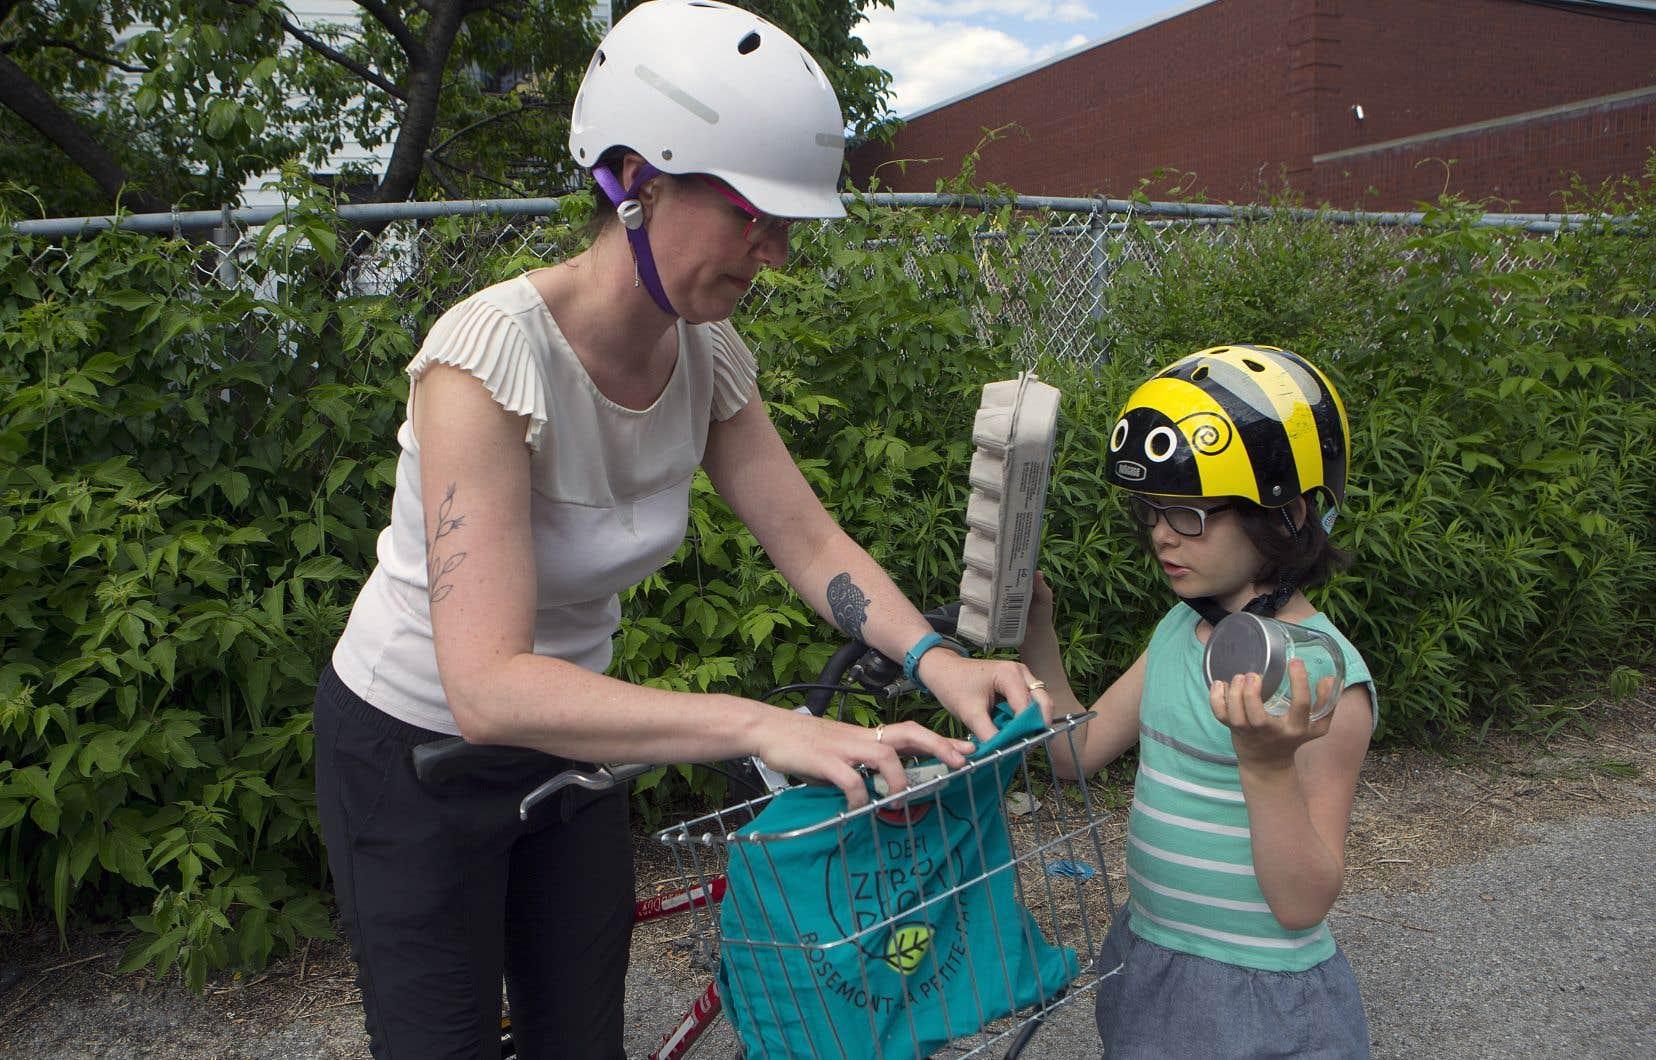 Laure Caillot et sa fille Éloïse, six ans, font partie d'une famille zéro déchet. Elles se rendent àl'épicerie à vélo et apportent leurs contenants dans un sac qu'elles mettent dans un panier.